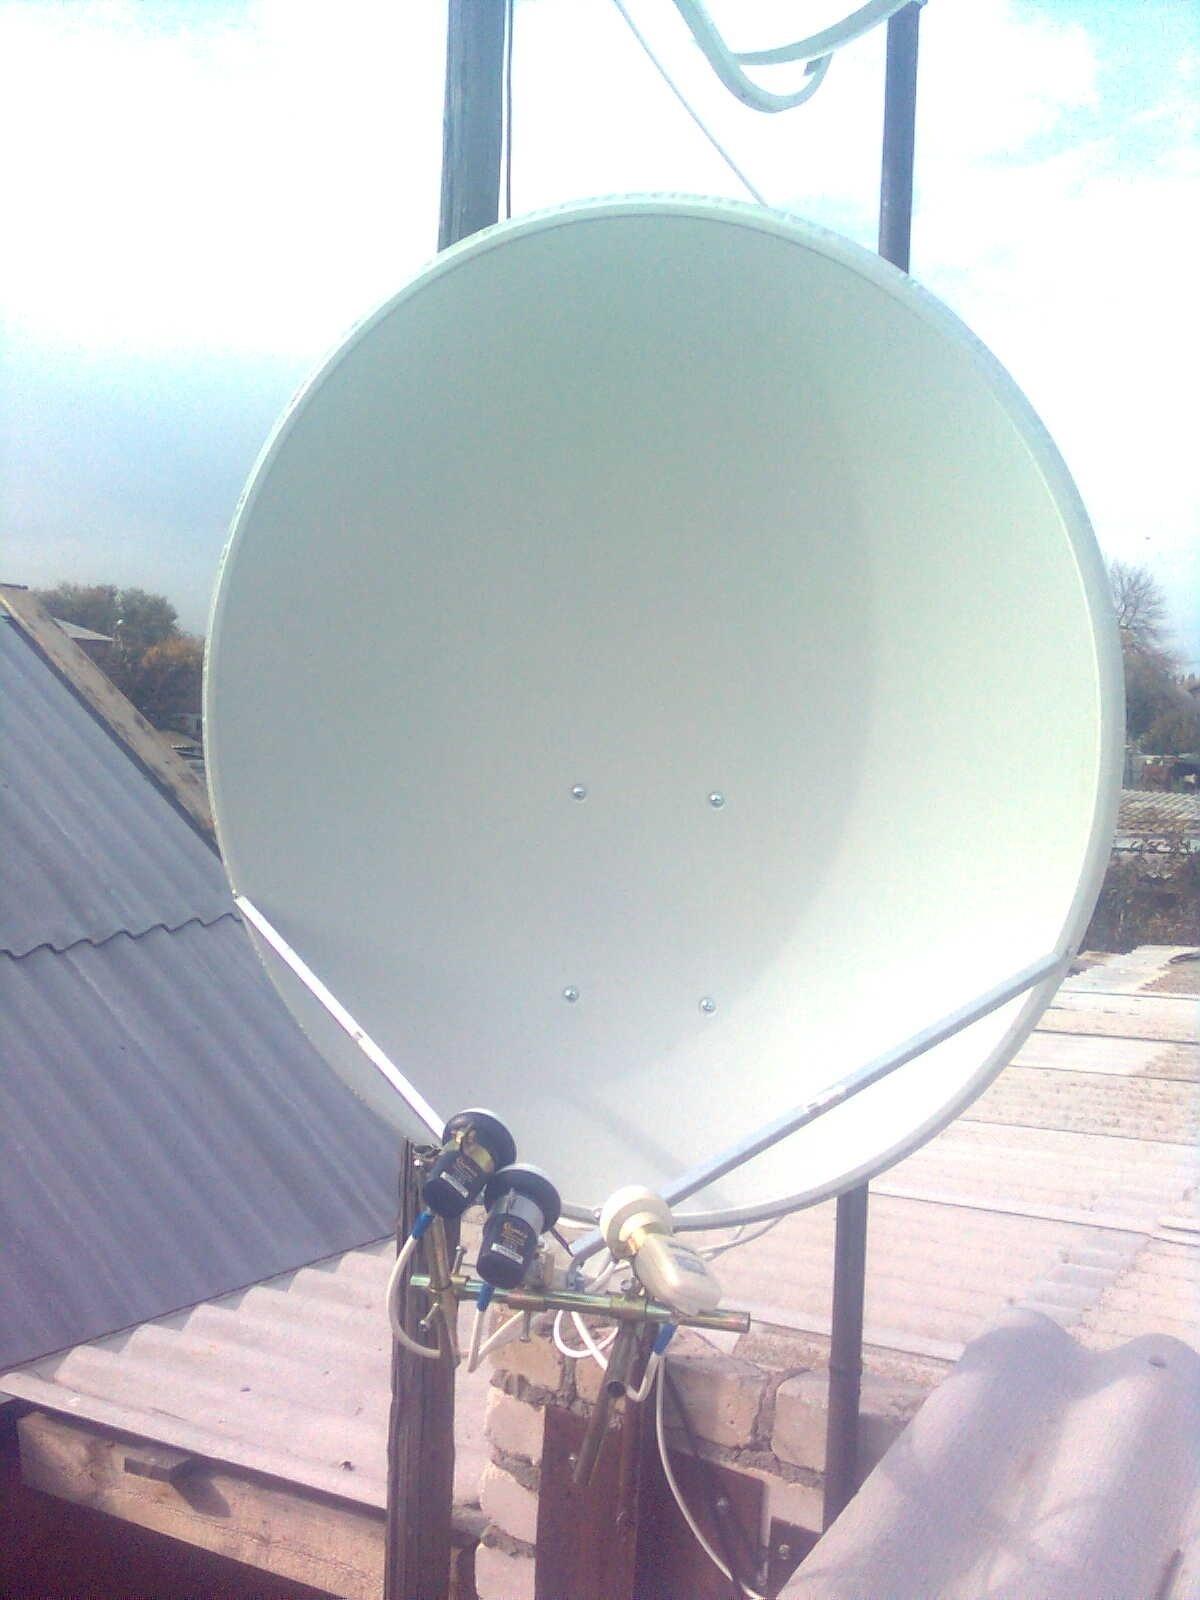 Как самому сделать спутниковую антенну Cпутниковая антенна 18